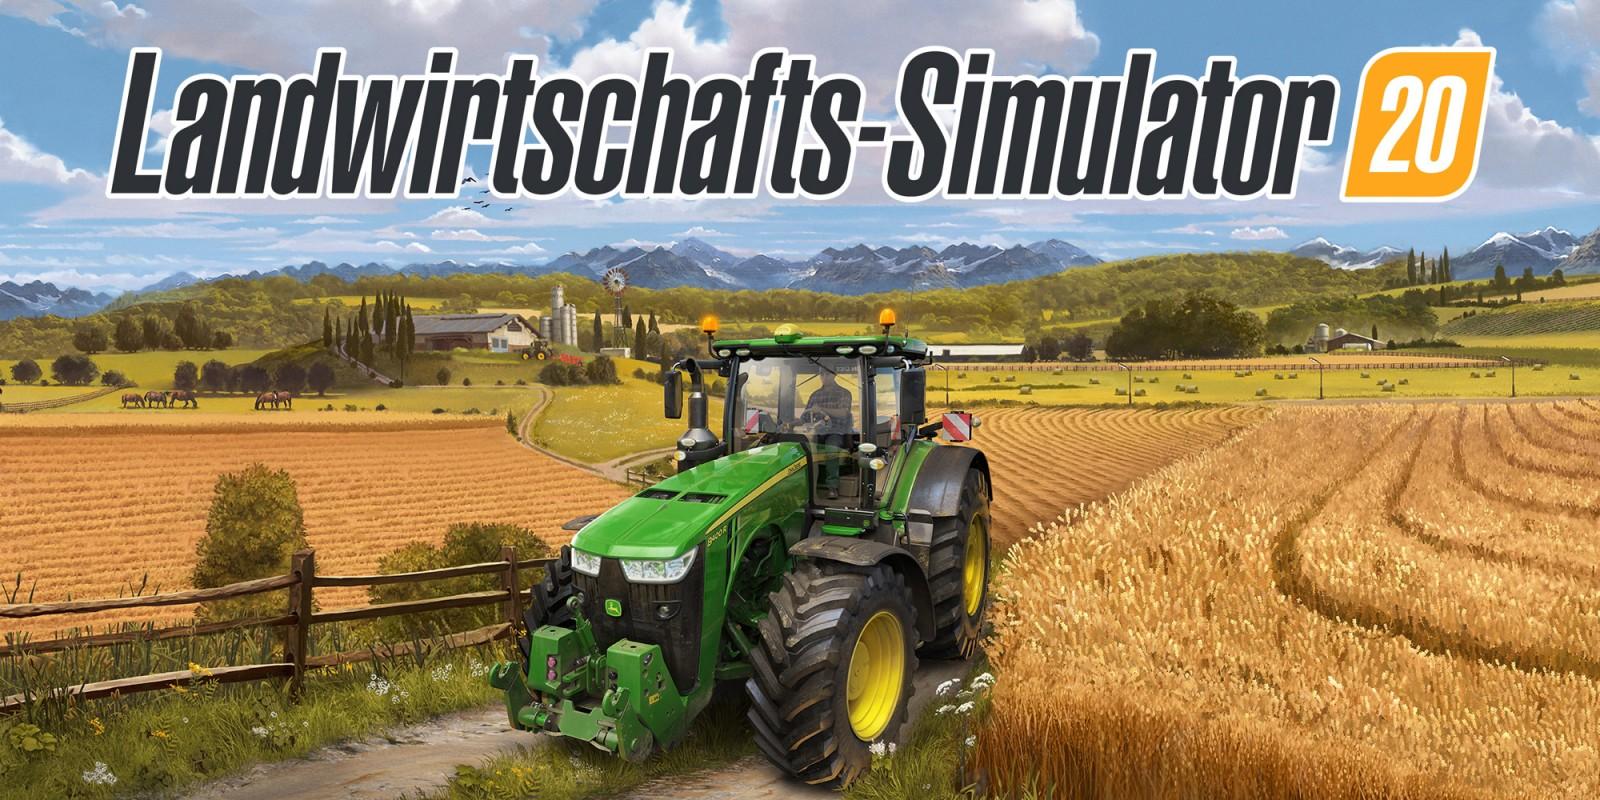 Landwirtschafts Simulator 20   Nintendo Switch   Spiele   Nintendo